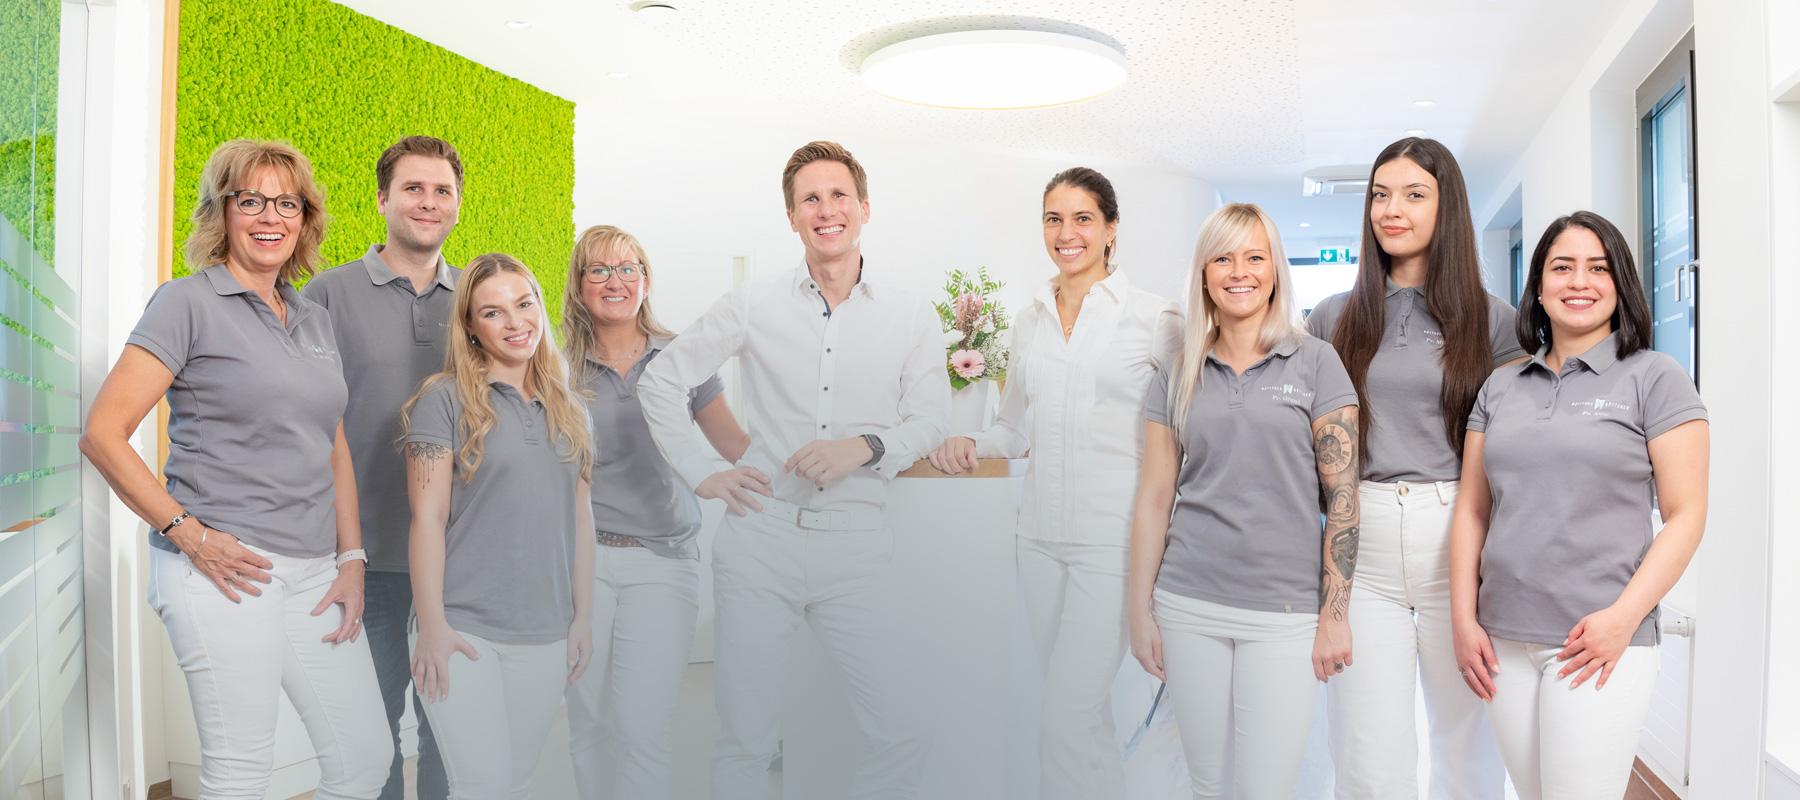 Böttcher & Böttcher, Fachpraxis für Kieferorthopädie – Unser Team